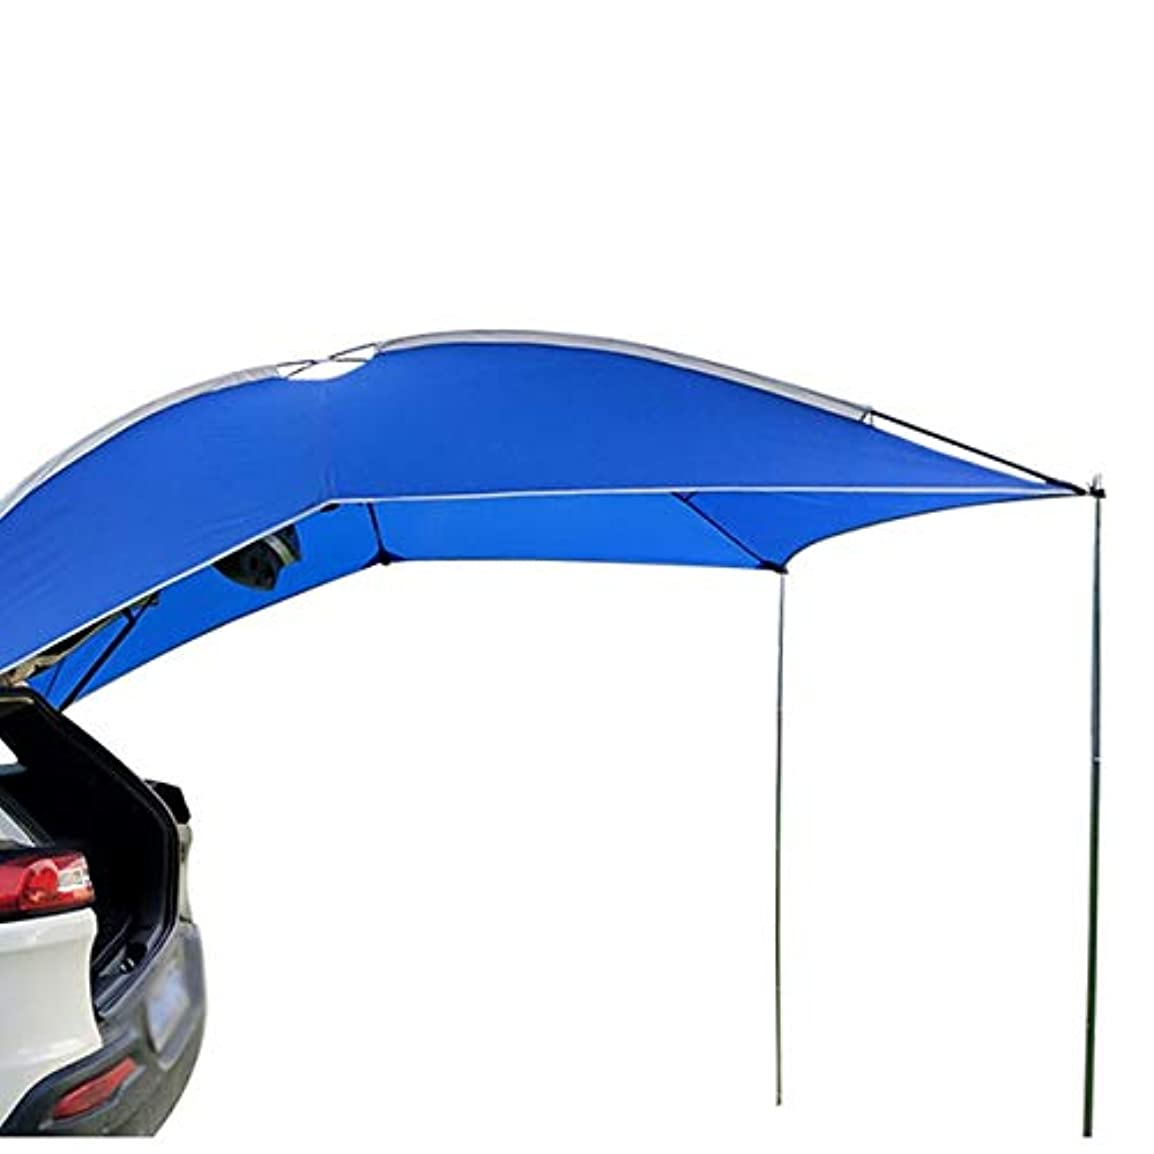 仮定、想定。推測鰐よろしくキャンプのための3-4人アウトドアキャンプ車のテール屋上のテントキャノピーオーニング日シェルタービーチSUVキャンピングカーオーニングカバーテント (Color : Blue)